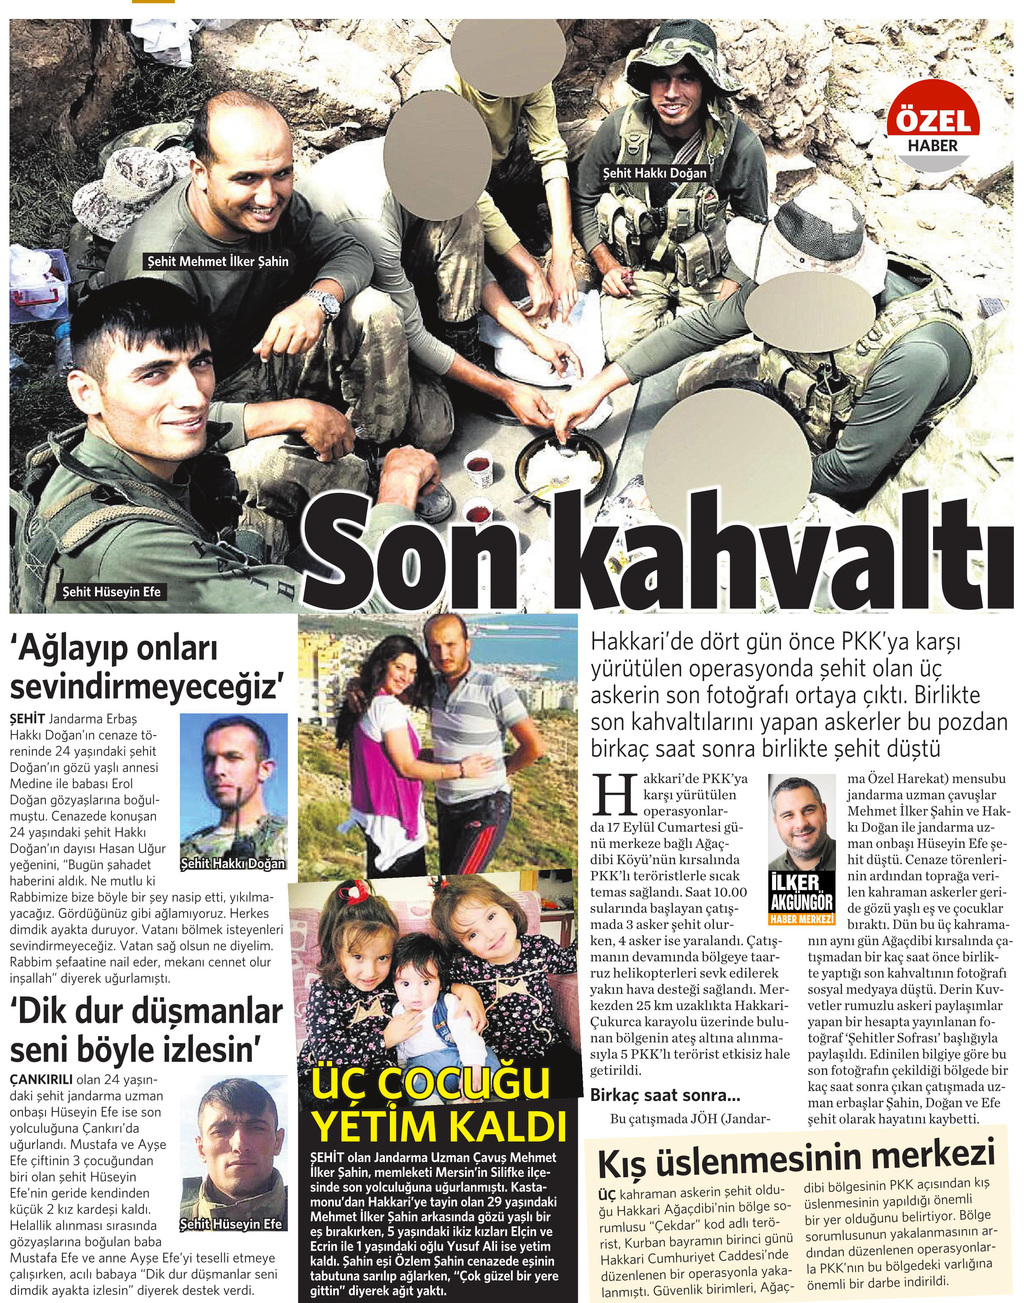 21 Eylül 2016 Vatan Gazetesi 12. sayfa